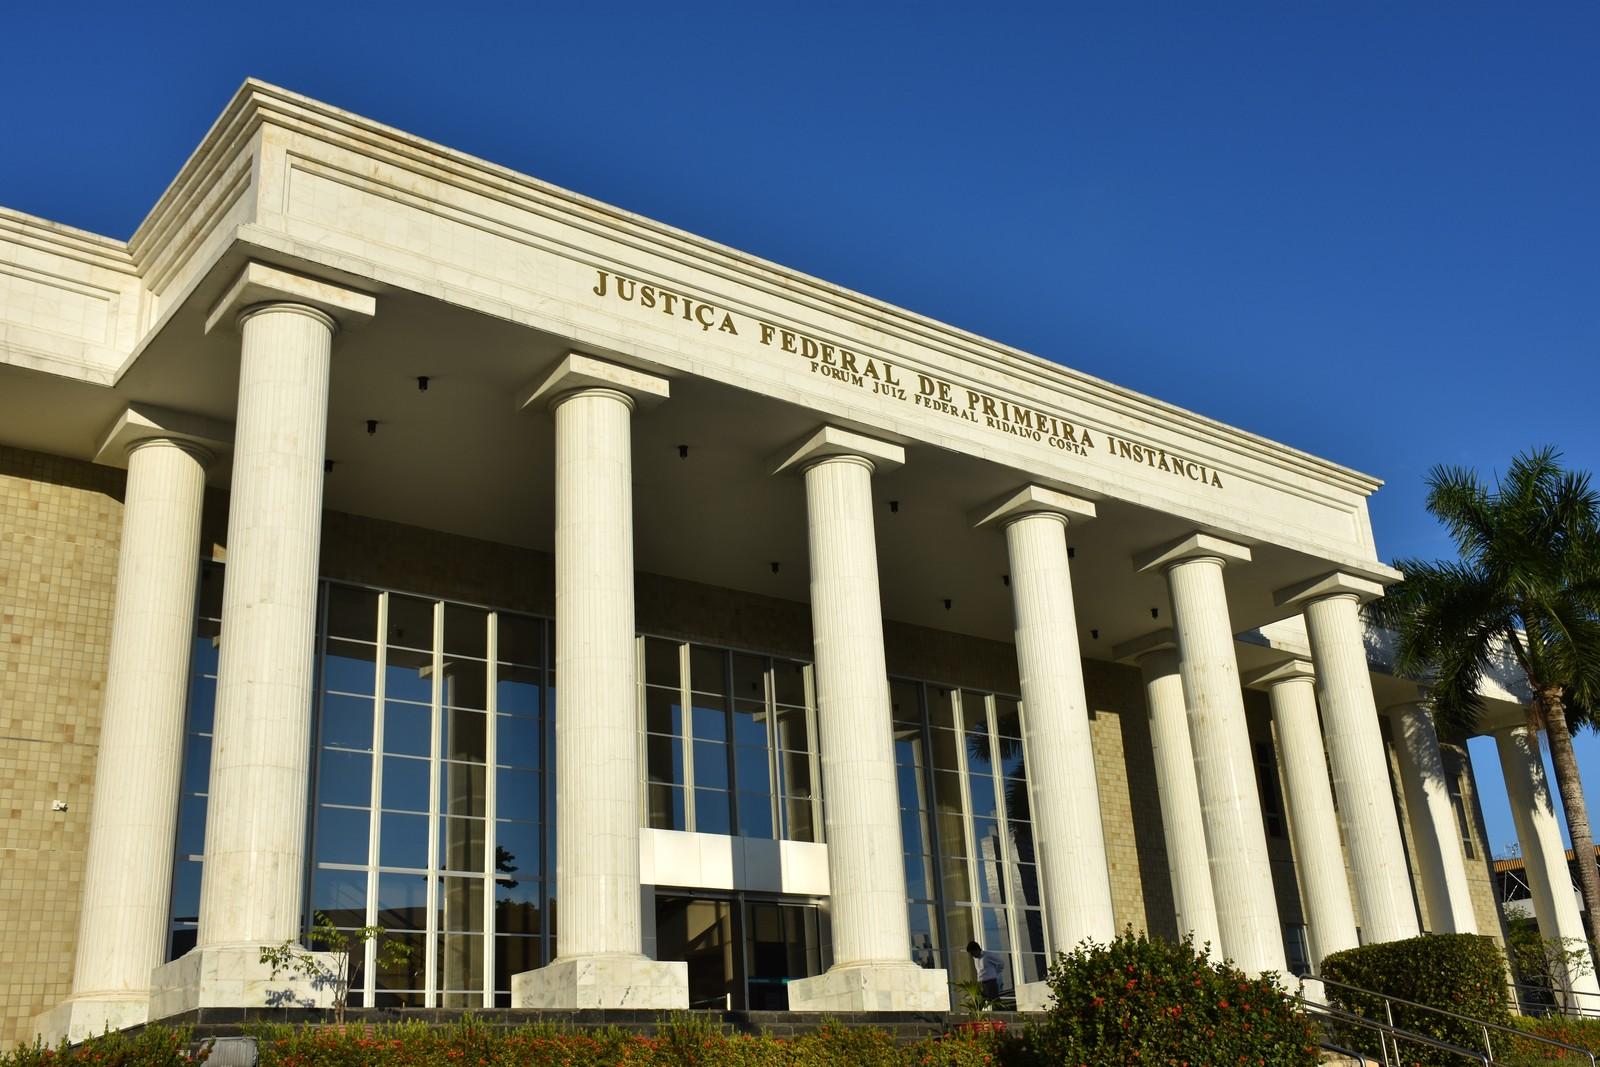 JFPB garante isenção de imposto a produto importado pela internet